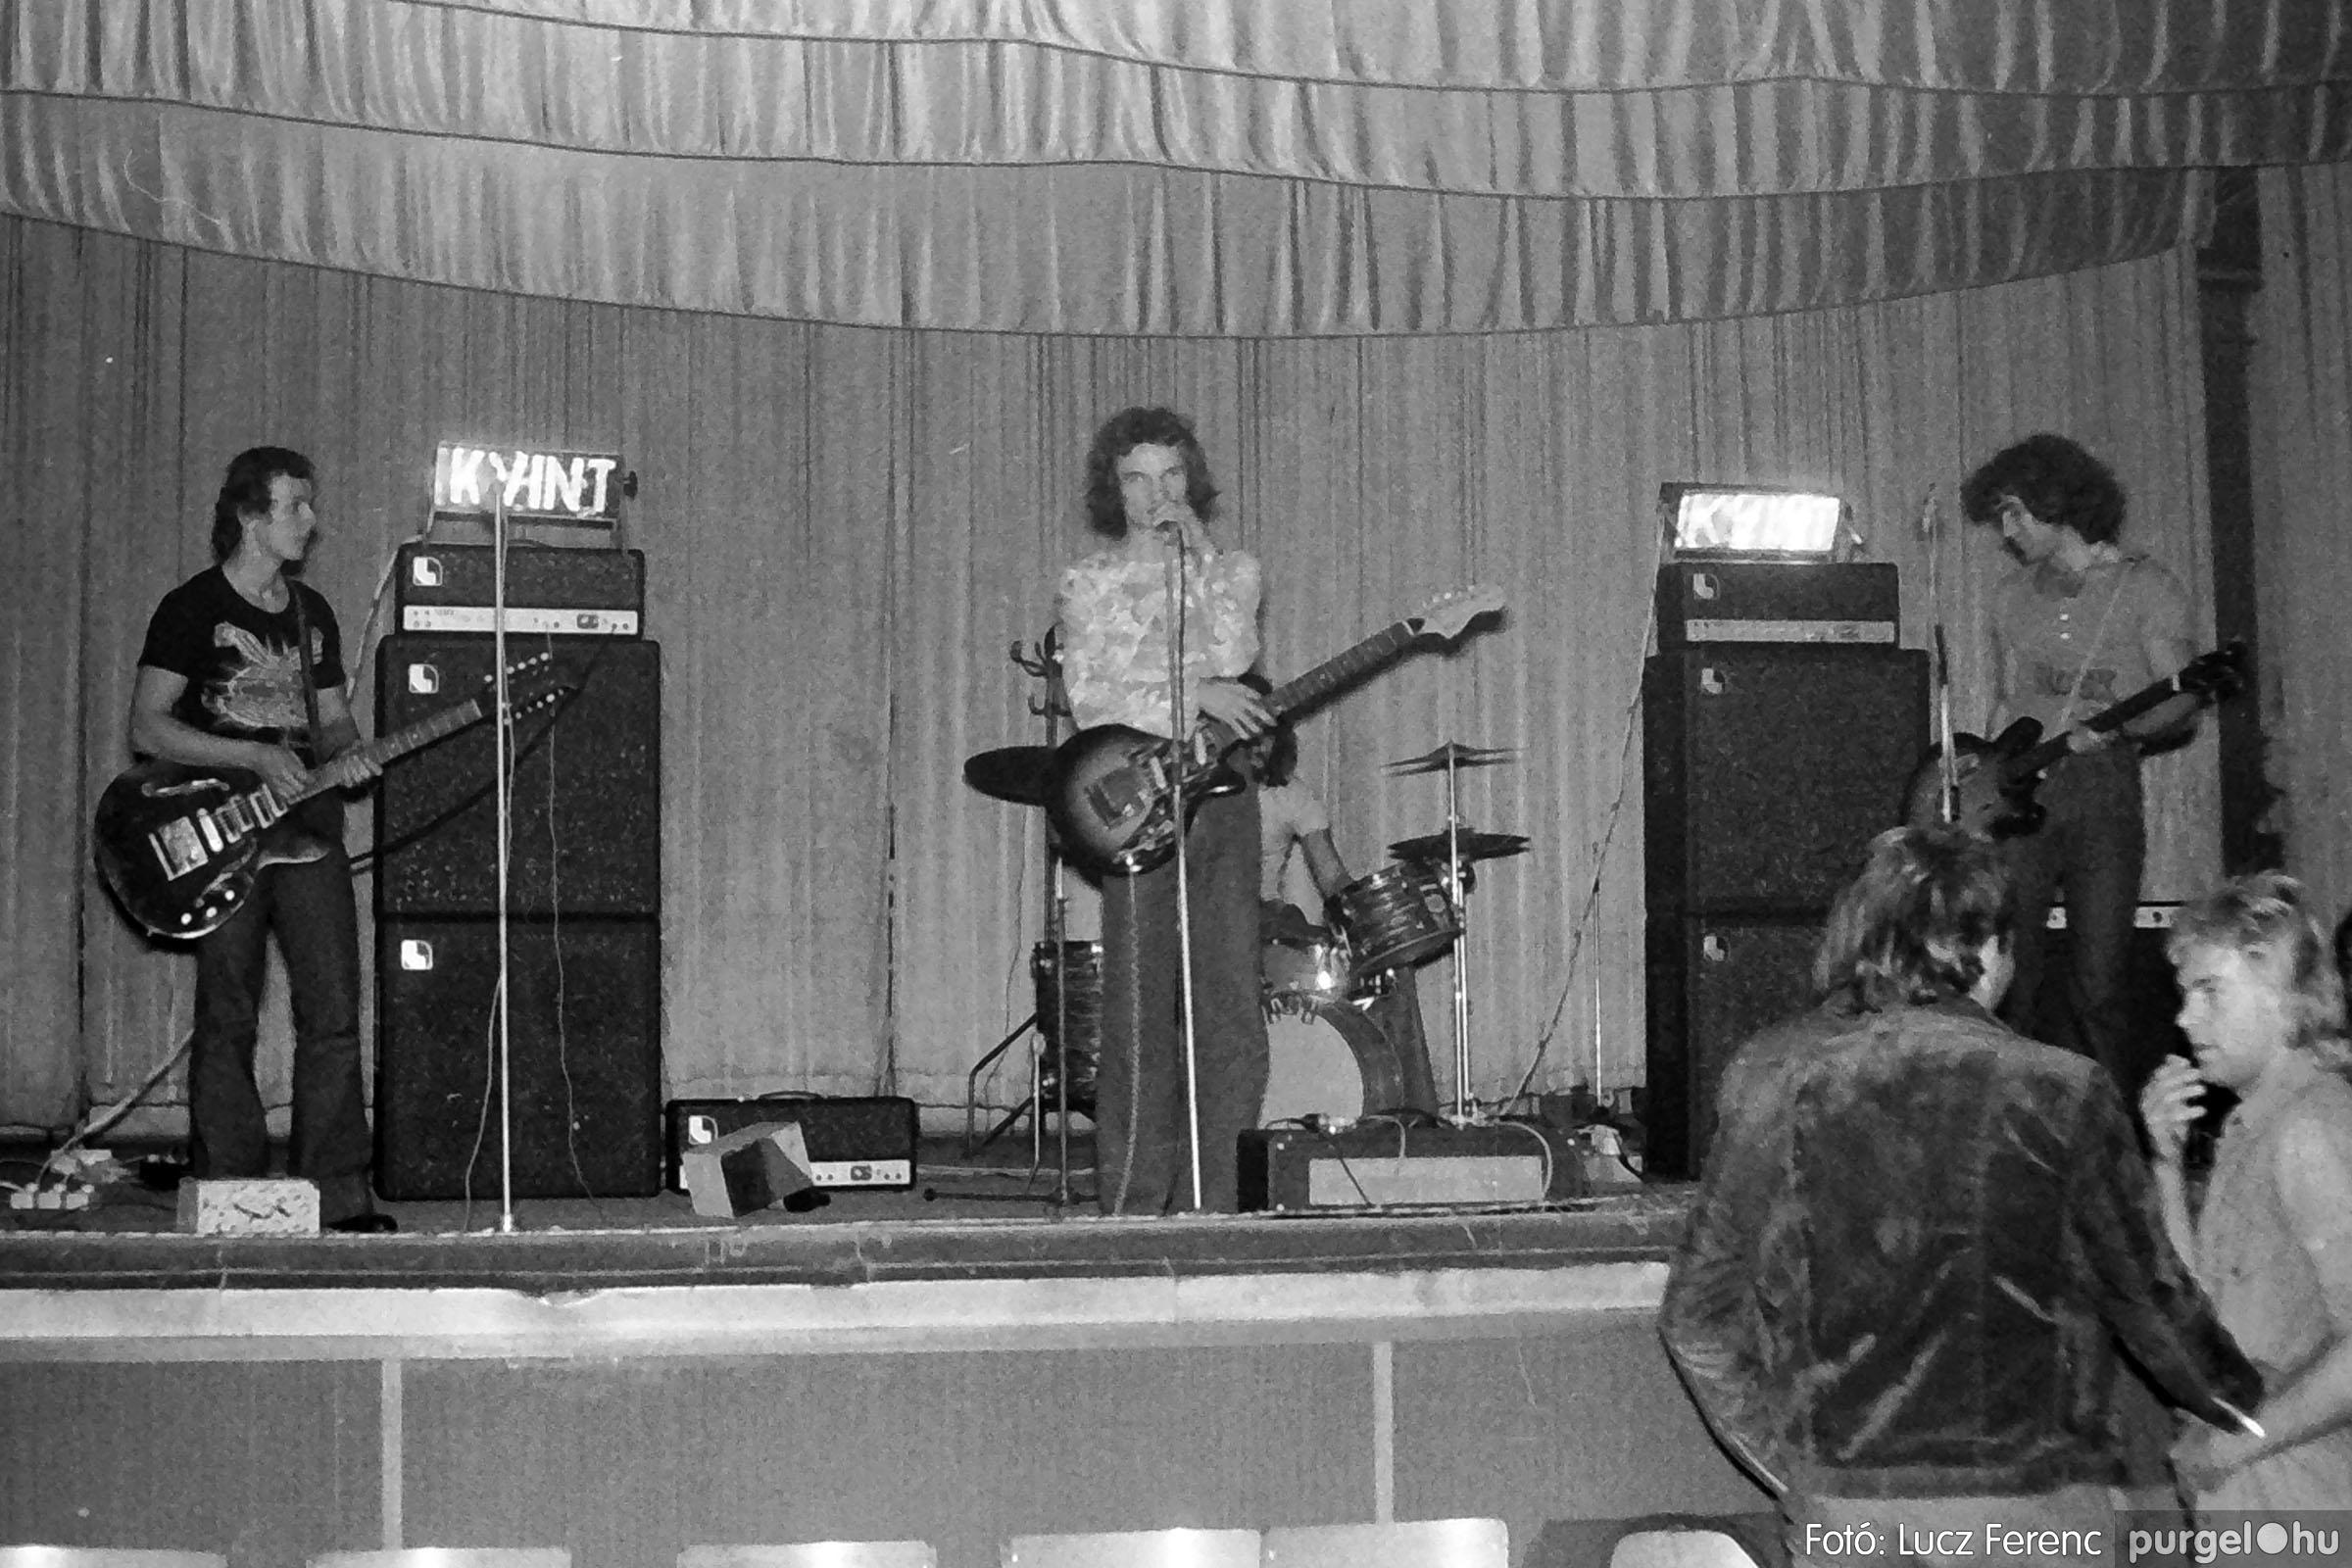 024 1975. A Kvint, az LWH és a Keopsz Együttesek koncertje 005 - Fotó: Lucz Ferenc IMG00183q.jpg